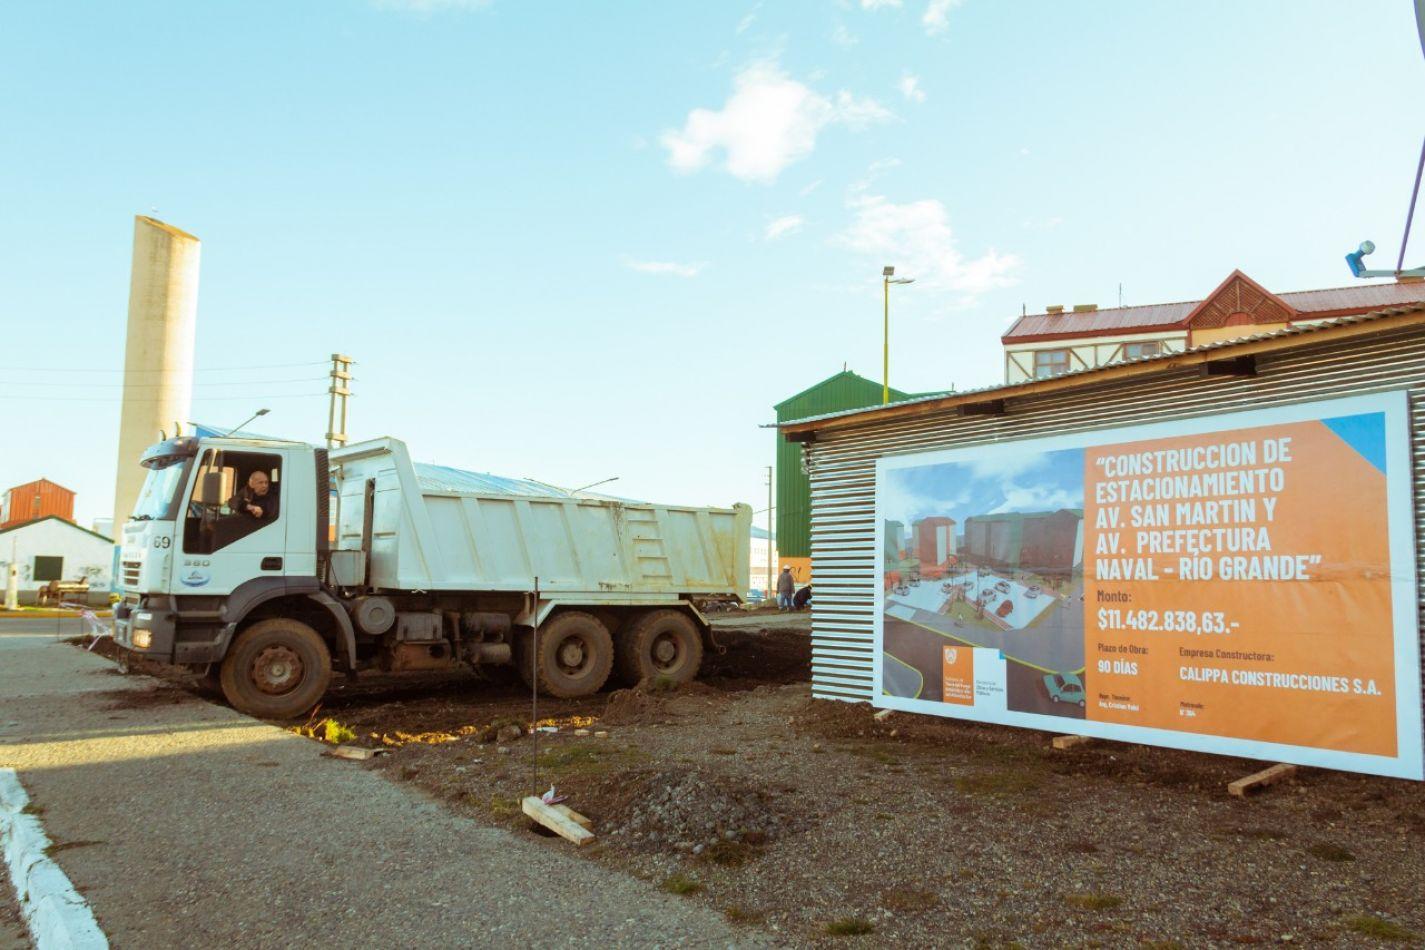 Obras Públicas inició la construcción de un estacionamiento en el B° Chacra II